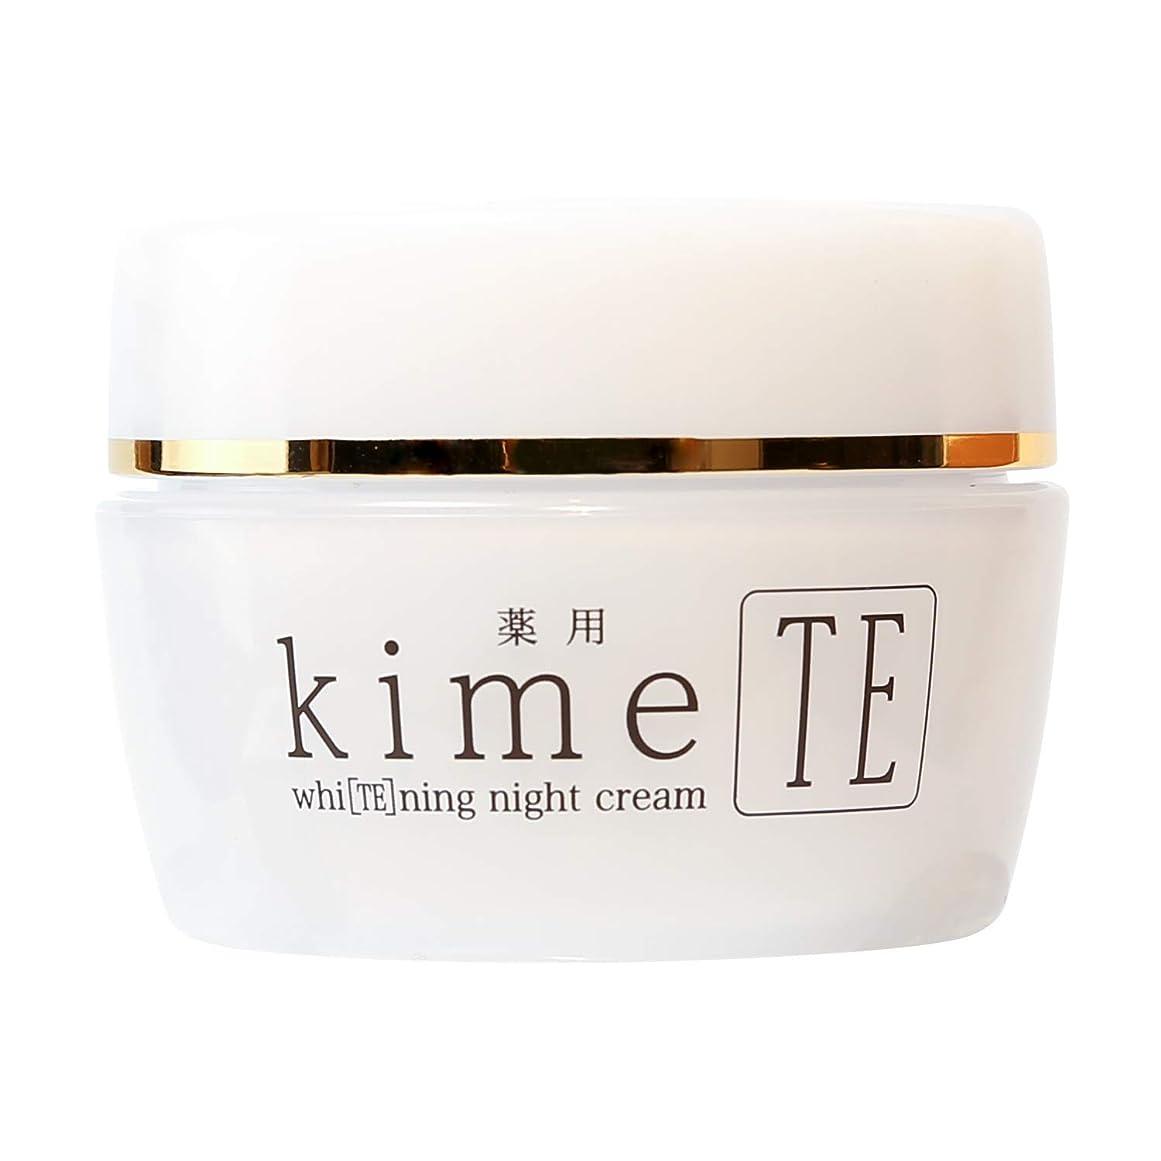 逆説つづりふくろう【スペシャルアプローチ】kimeTE(キメテ)美白 保湿 無添加 ハンドケア 薬用ホワイトニングクリーム